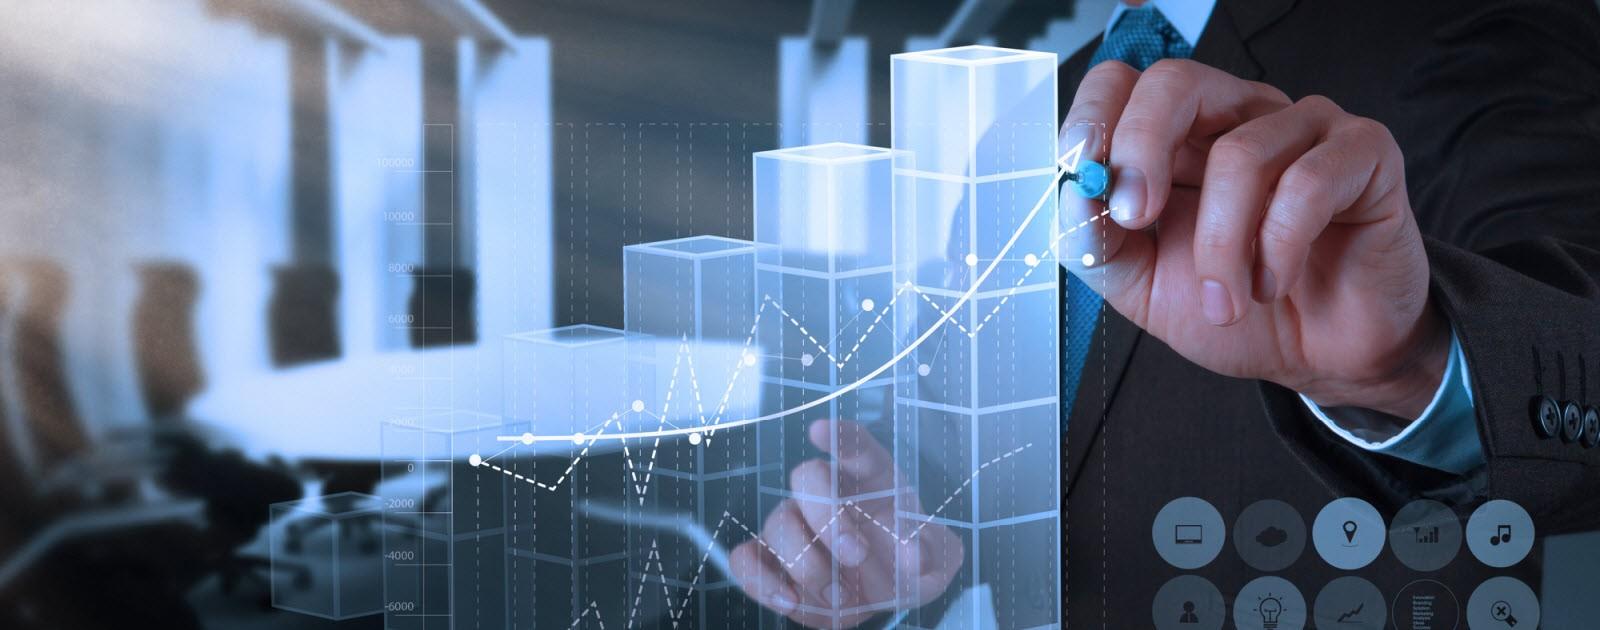 Channel Sales Performance Management Best Practices